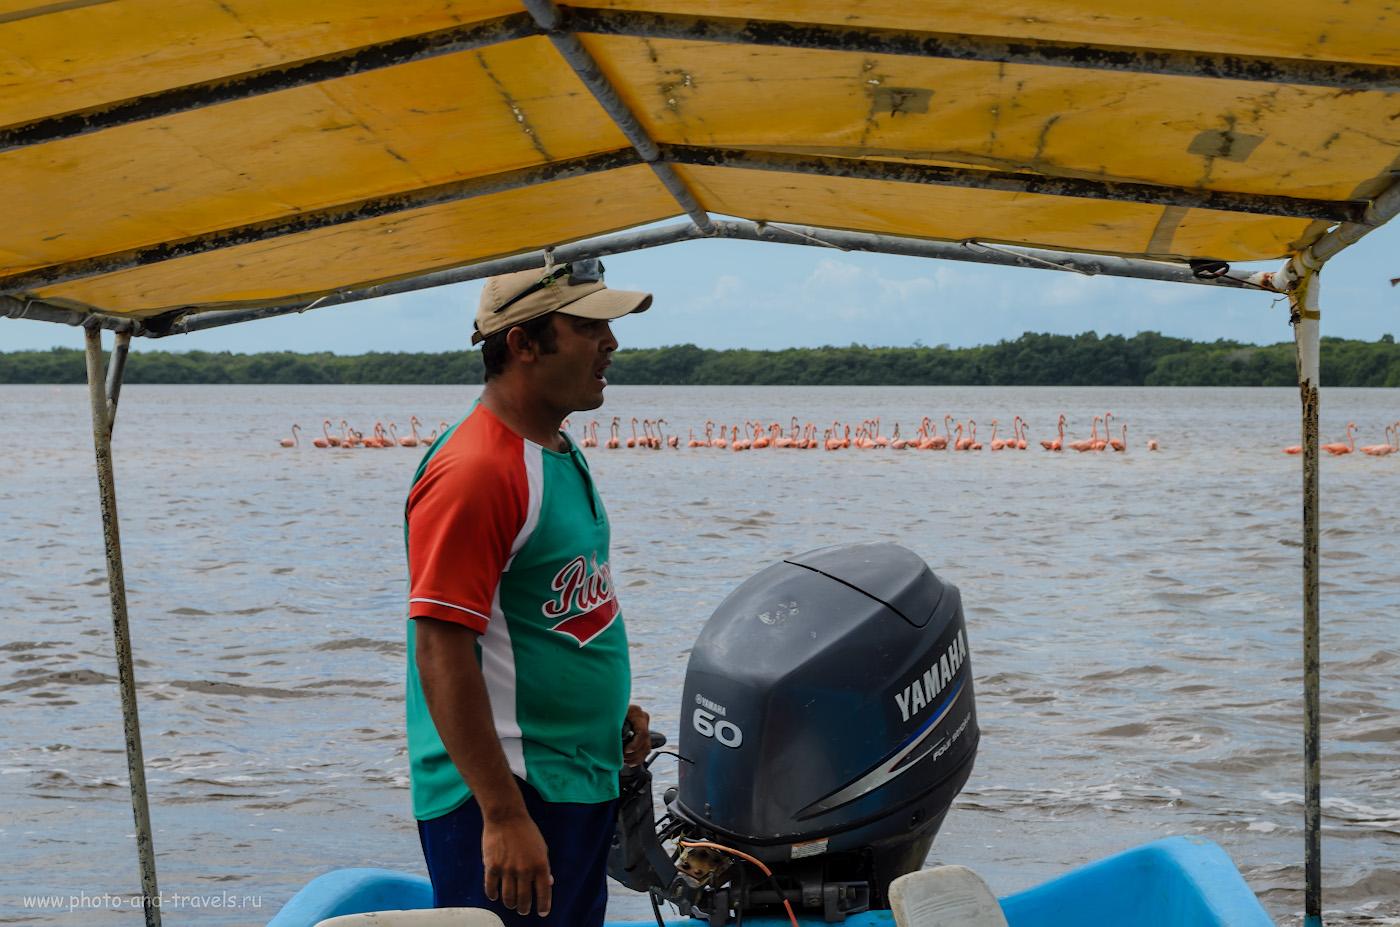 7. Поселок Селестун. Национальный парк в Мексике. Приплыли полюбоваться табунами фламинго. На снимке - наш водитель моторки и гид. 1/125, 11.0, 100, 25.